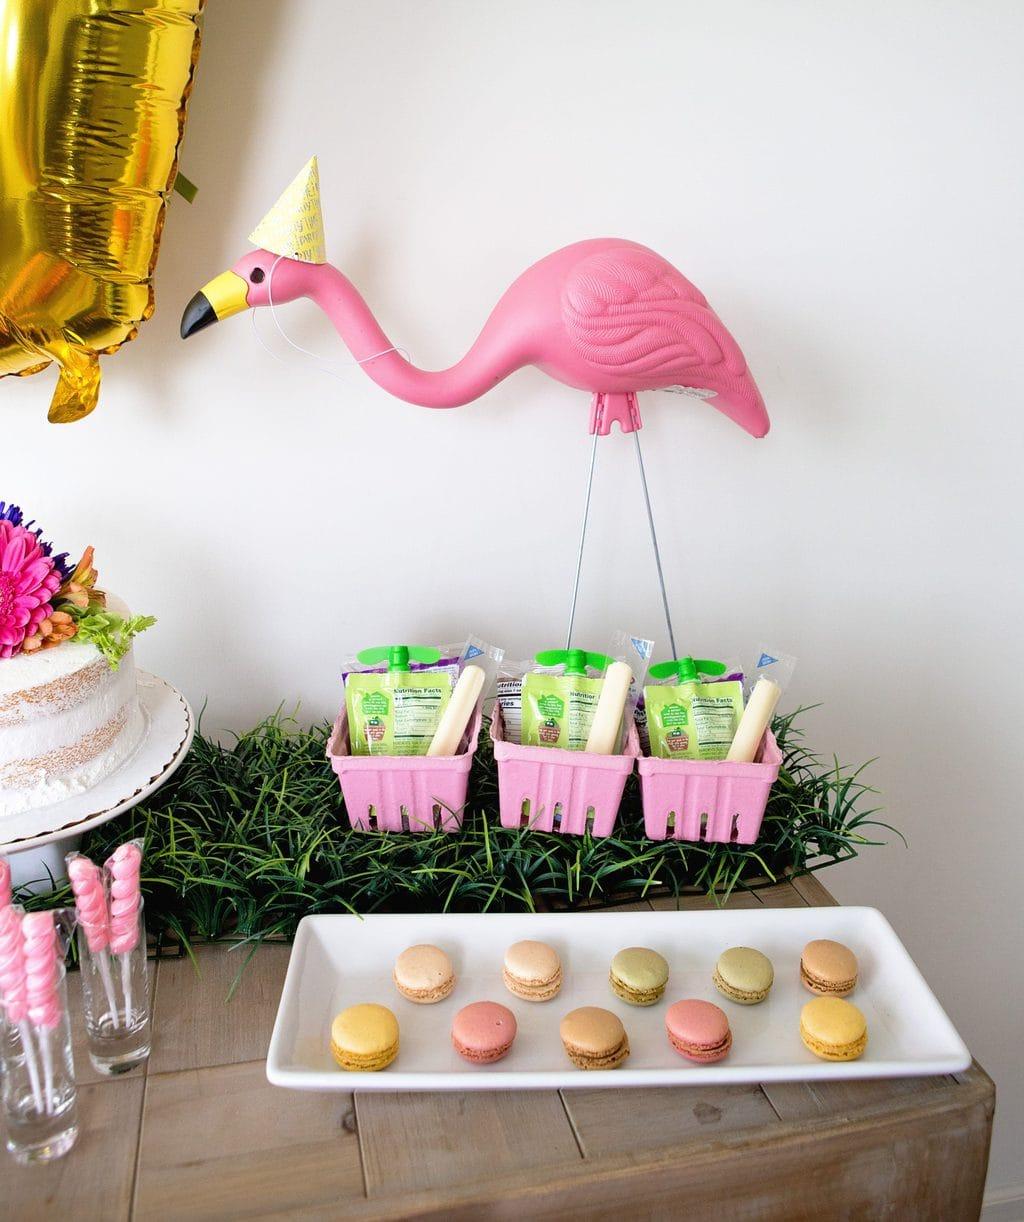 Baby flamingo car interior design - Baby Flamingo Car Interior Design 19